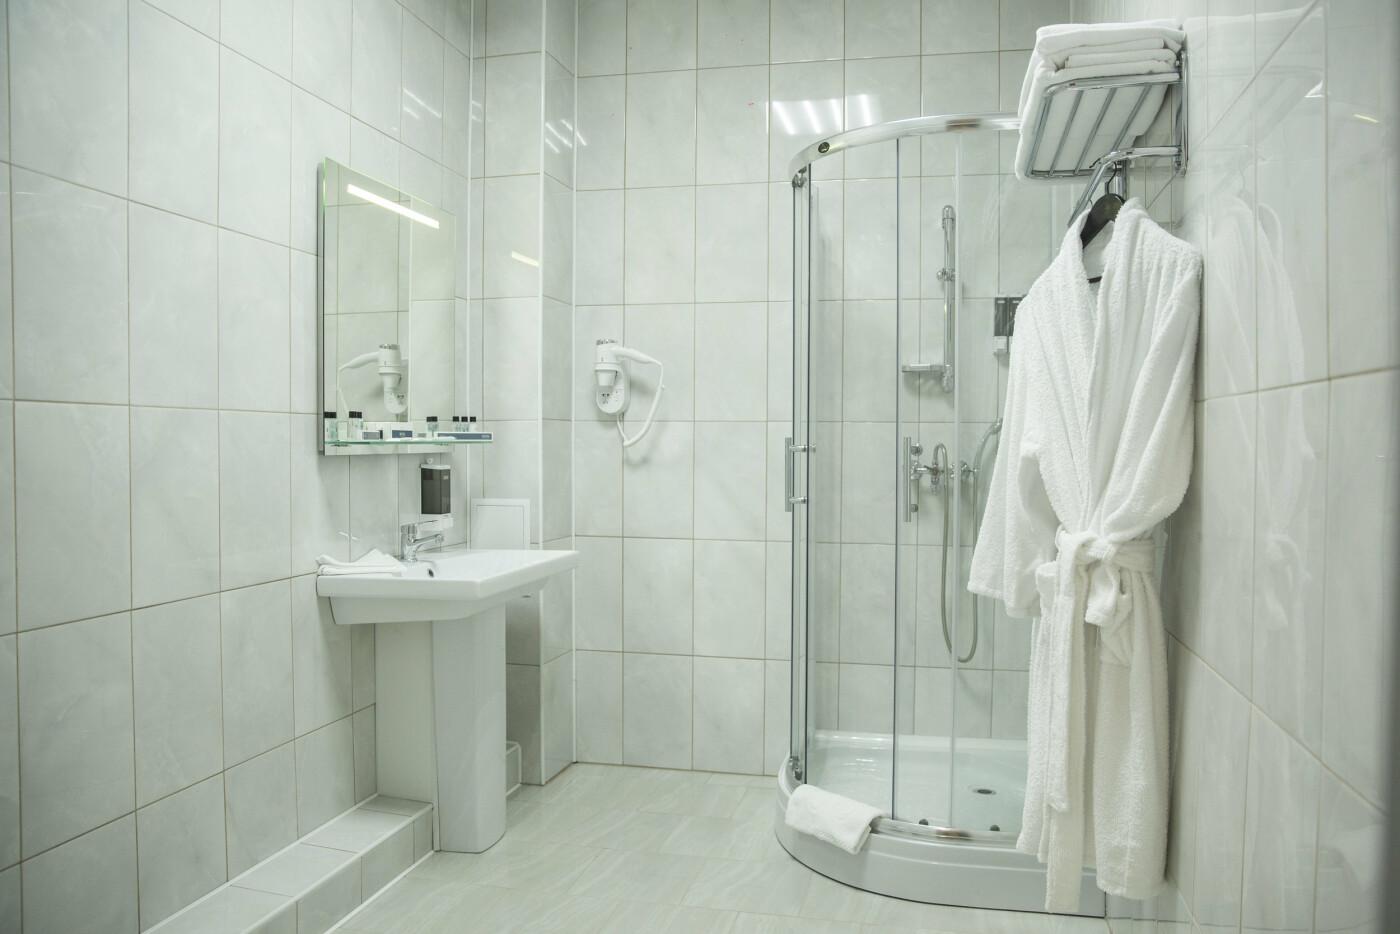 Новая гостиница открылась на Камчатке, фото-6